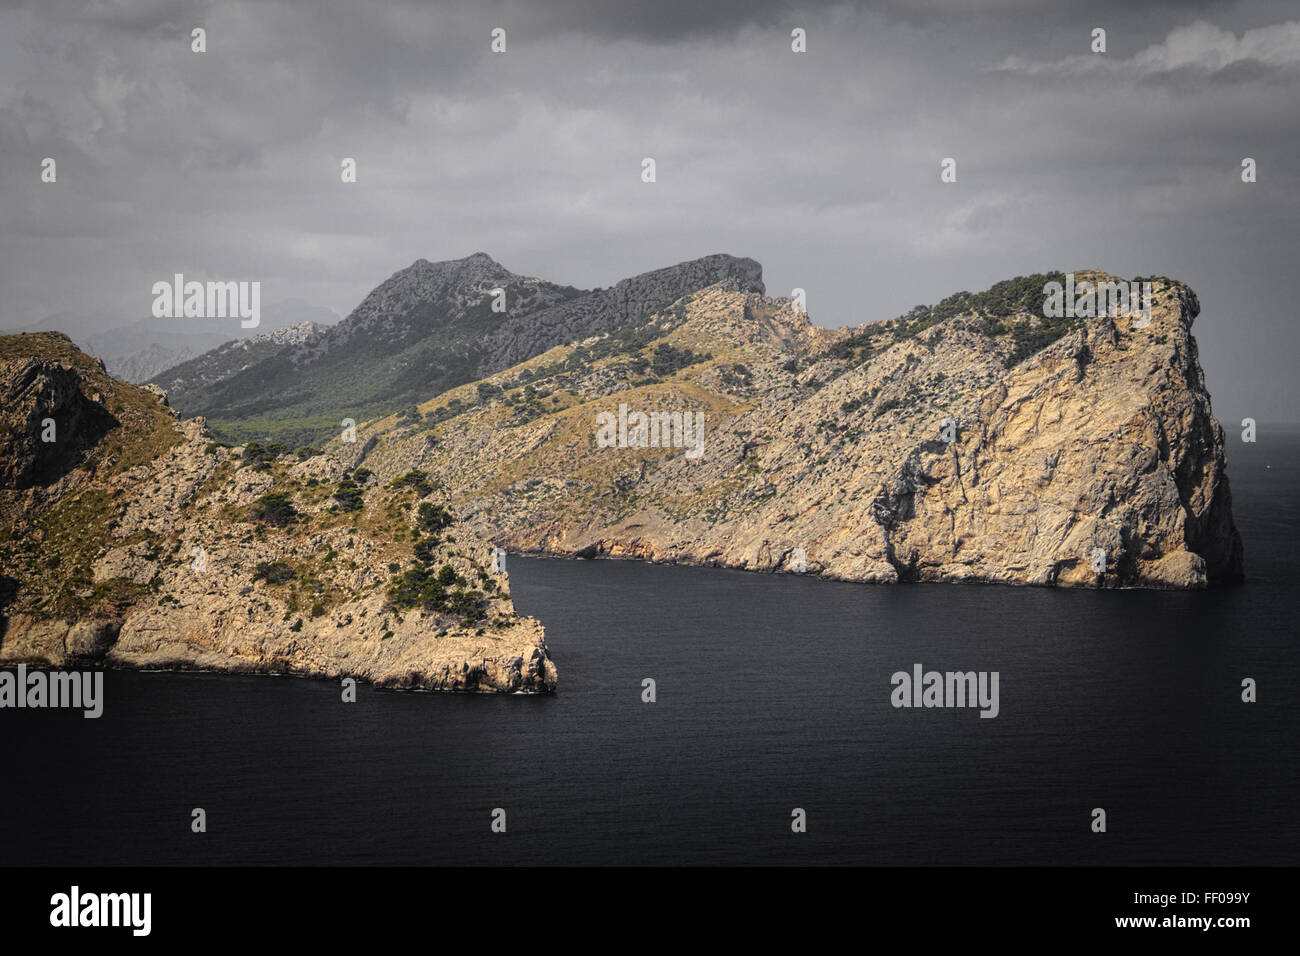 Mountains Meet the Sea Mountains Meet the Sea - Stock Image